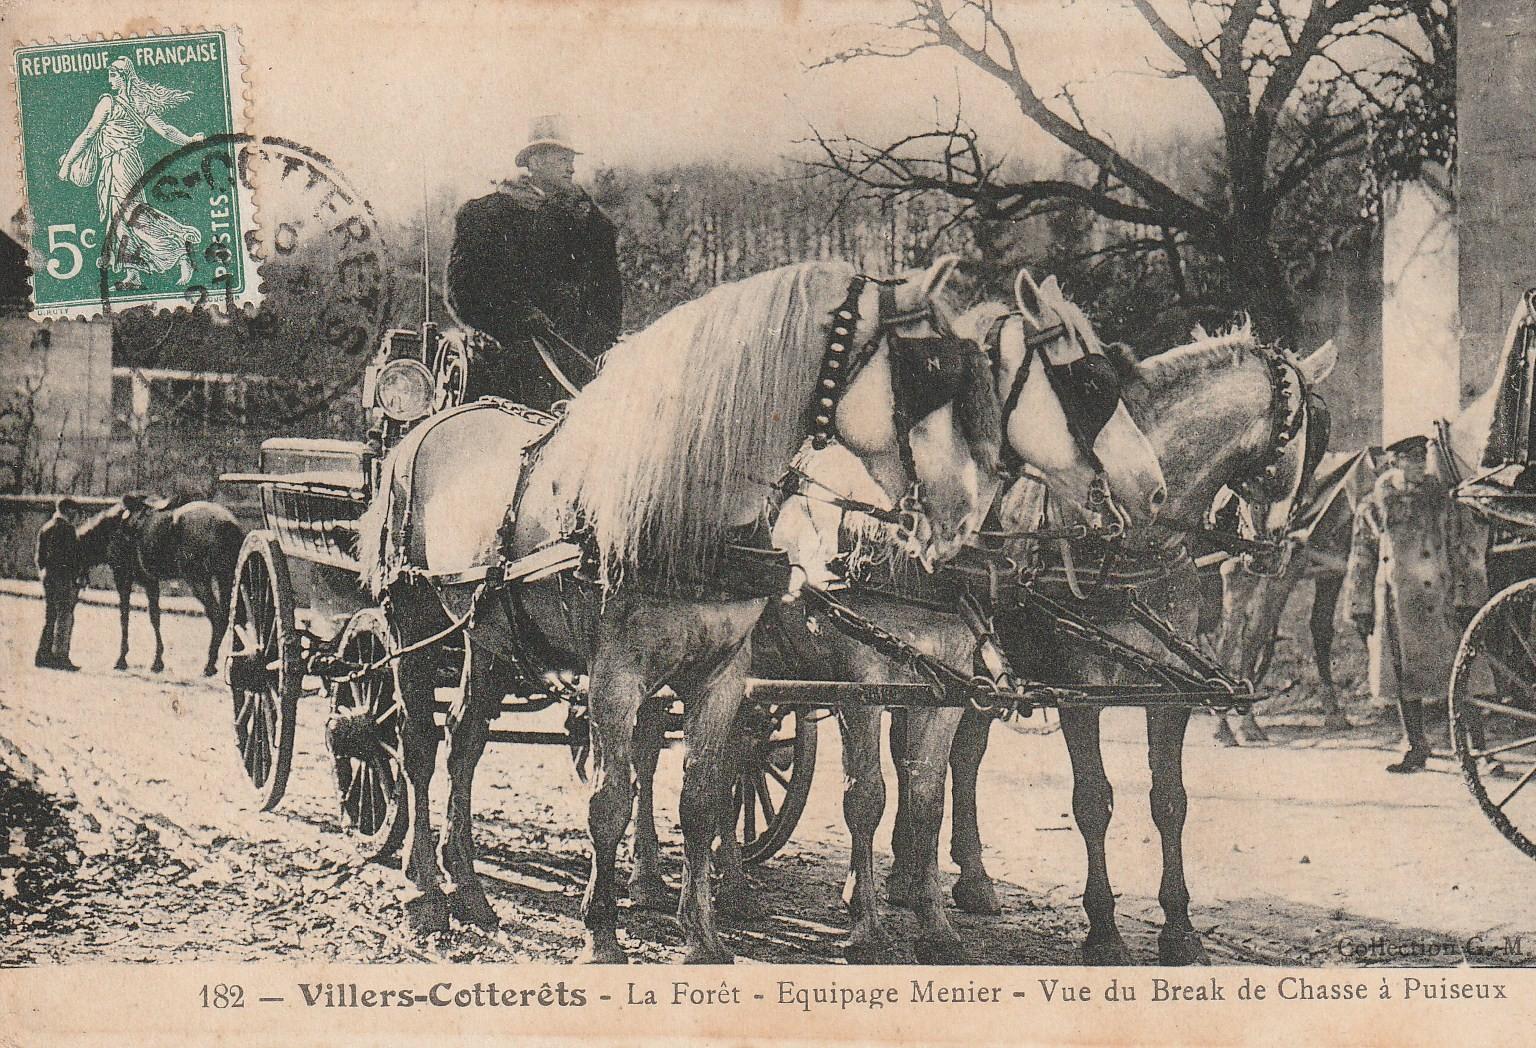 02 VILLERS-COTTERETS. Equipage Menier dans la Forêt et vue du Break de Chasse à Puiseaux 1908